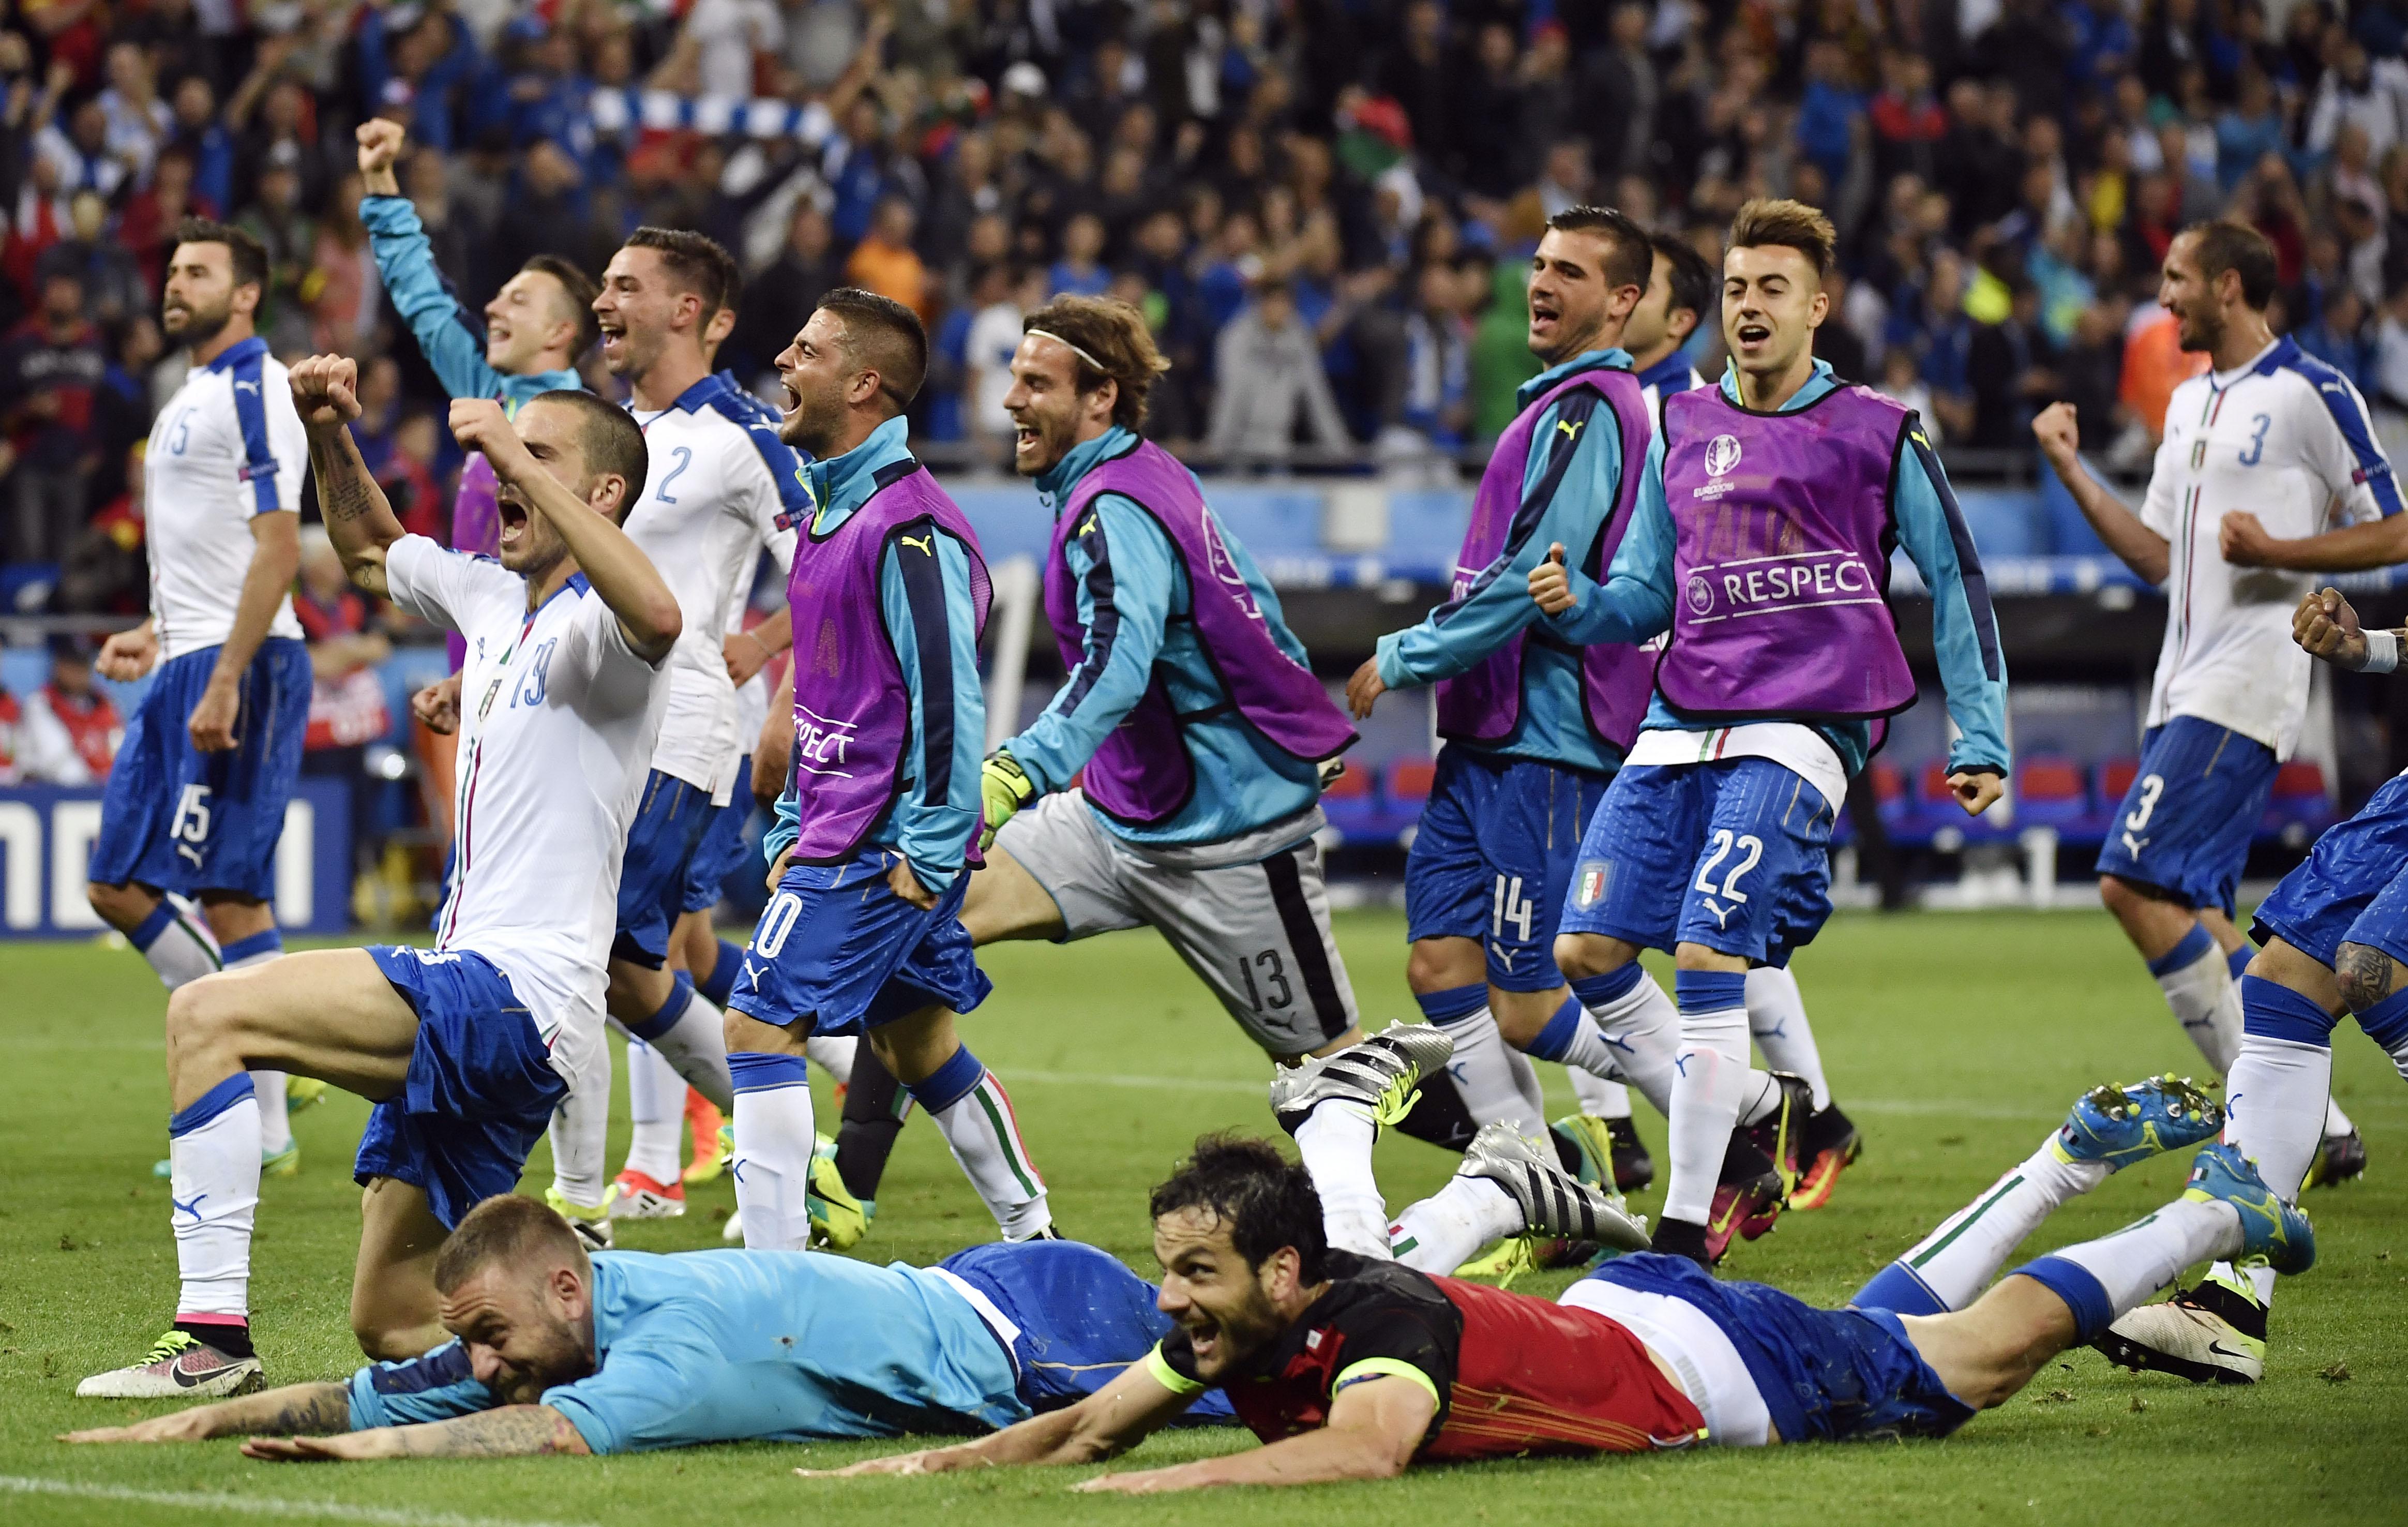 Italie – Belgique (2-0) : Les notes